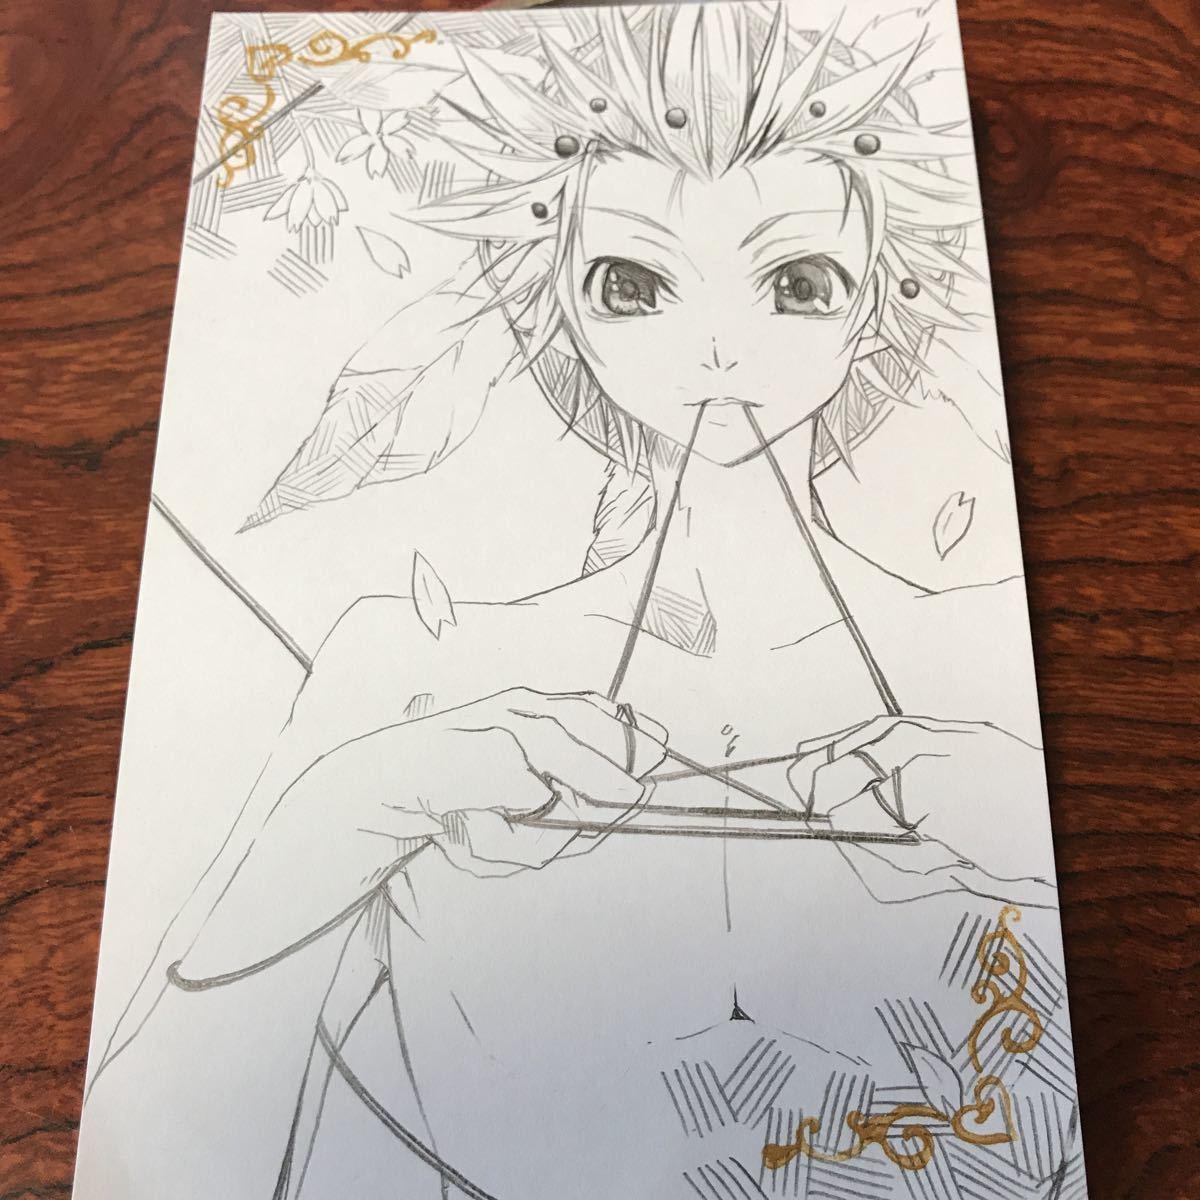 手描きイラスト★ラフ★ファイナルファンタジー★FF3★オニオンナイト コミック、アニメグッズ&手描きイラスト